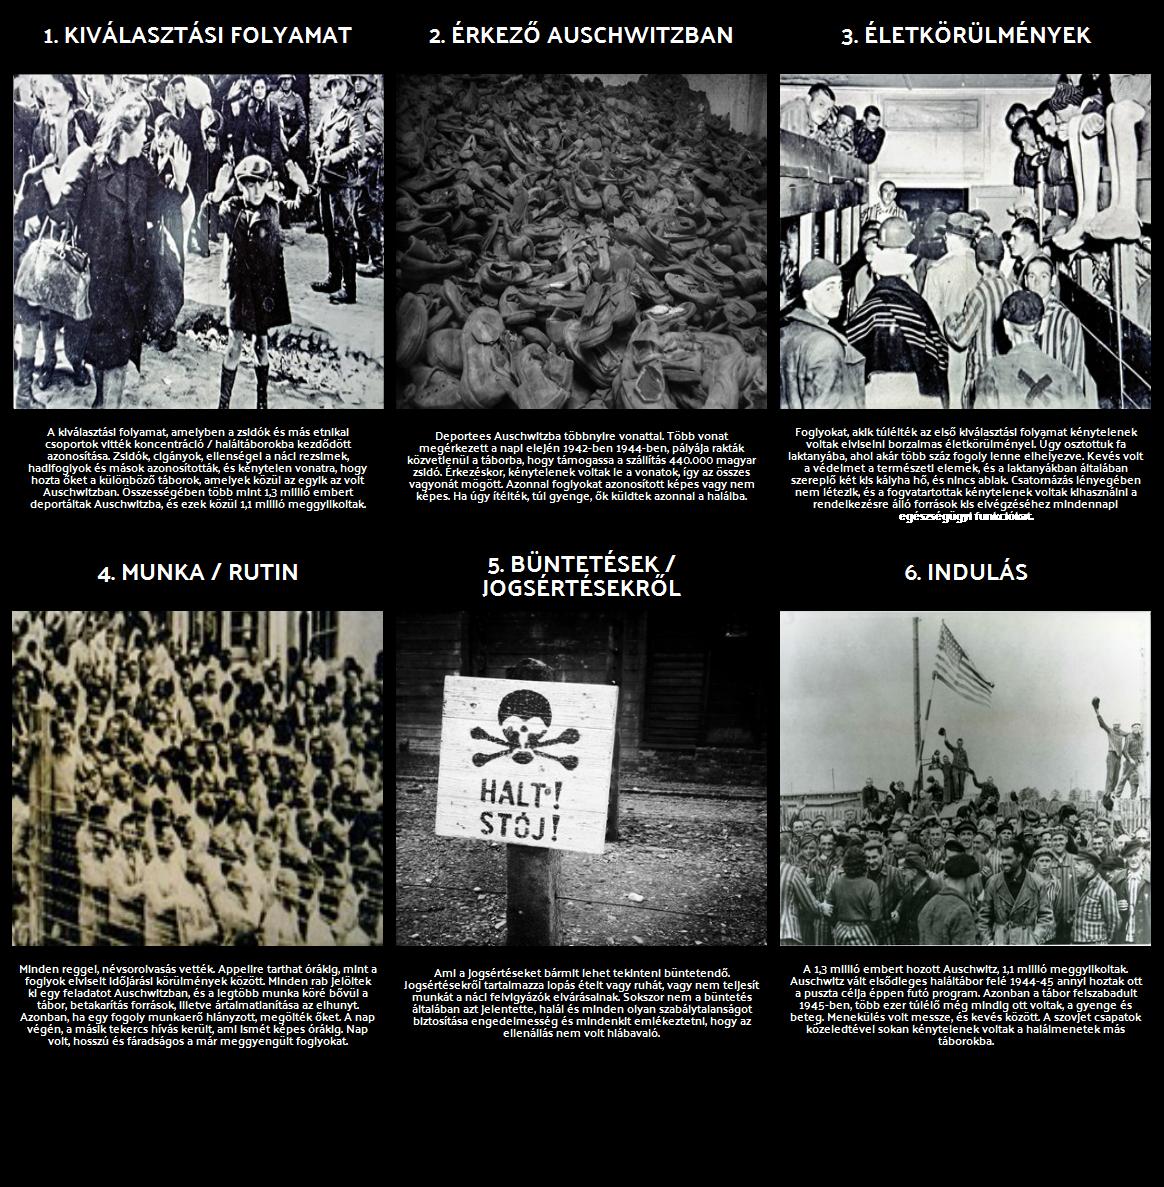 A Története a Holokauszt - Life in Auschwitz